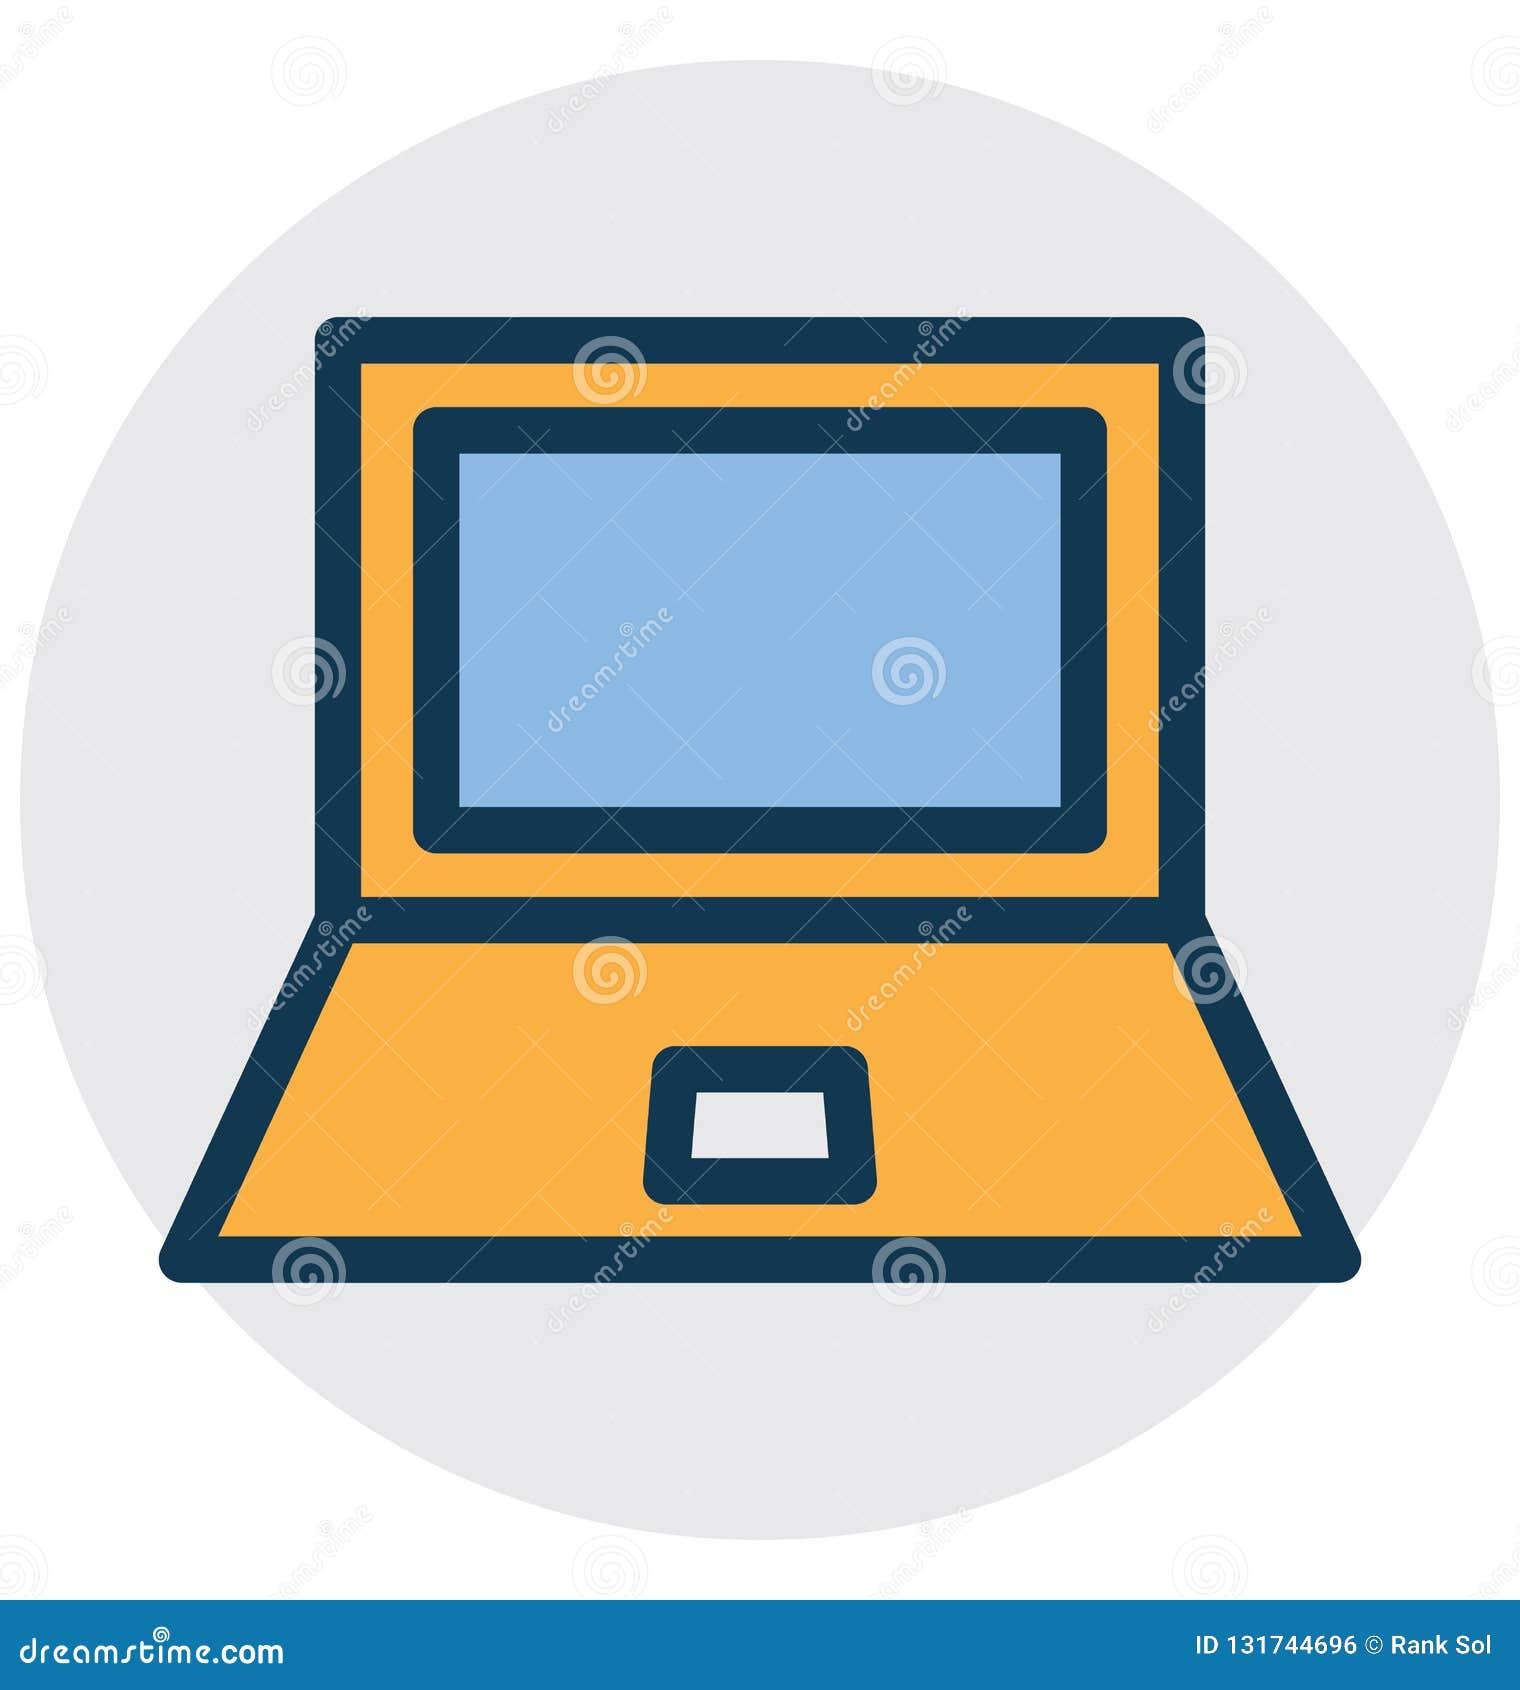 redigera bilder på datorn